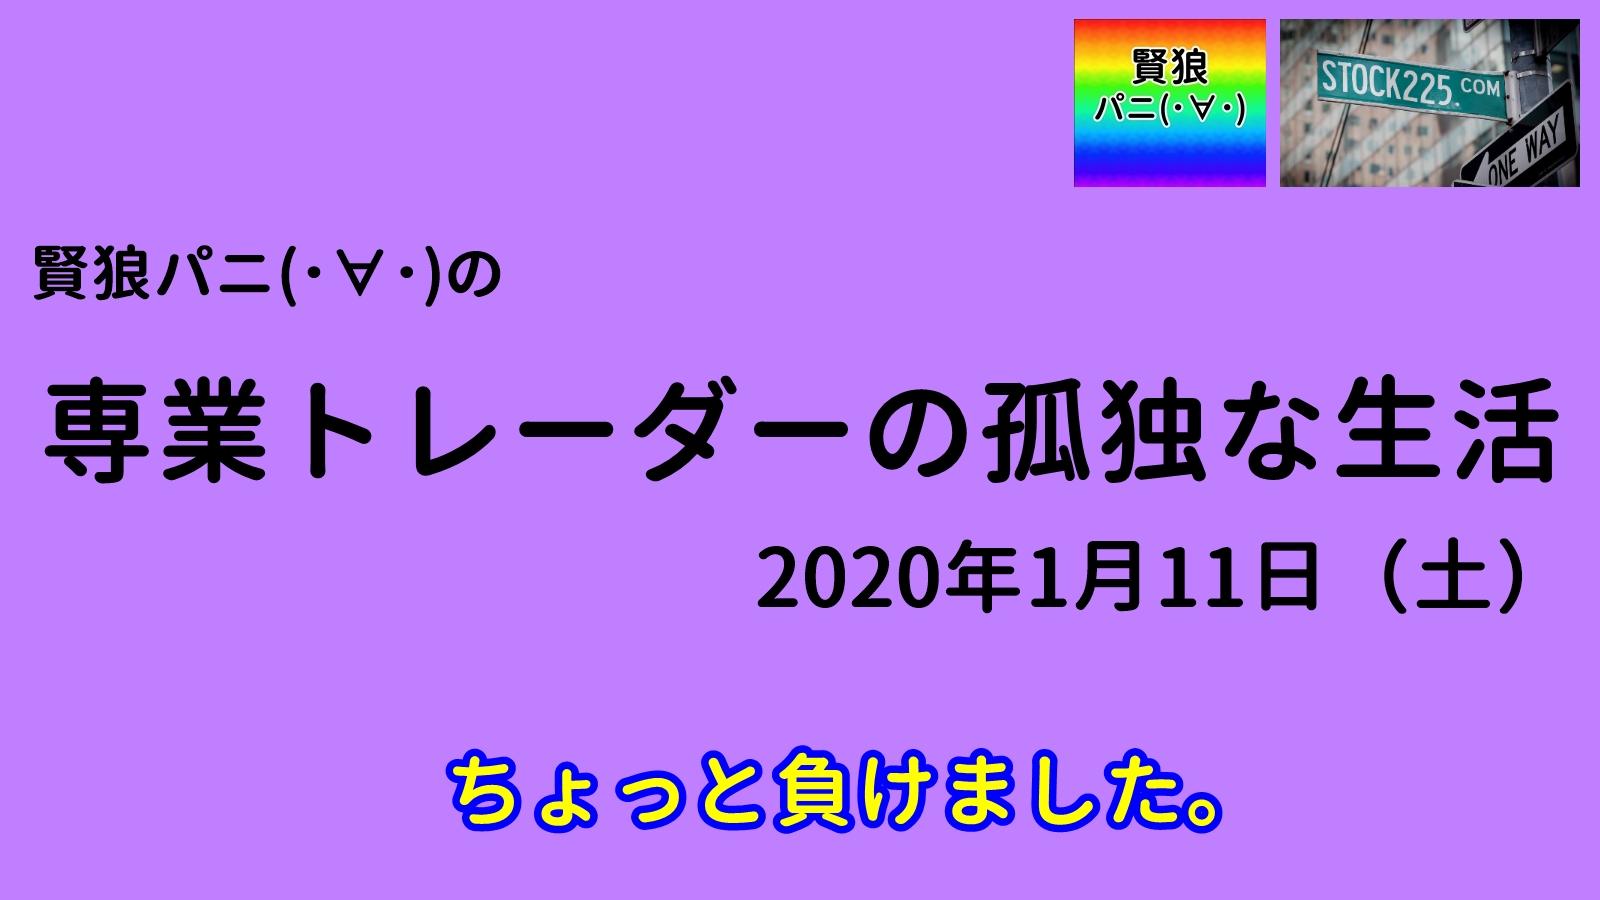 専業トレーダーの孤独な生活20200111